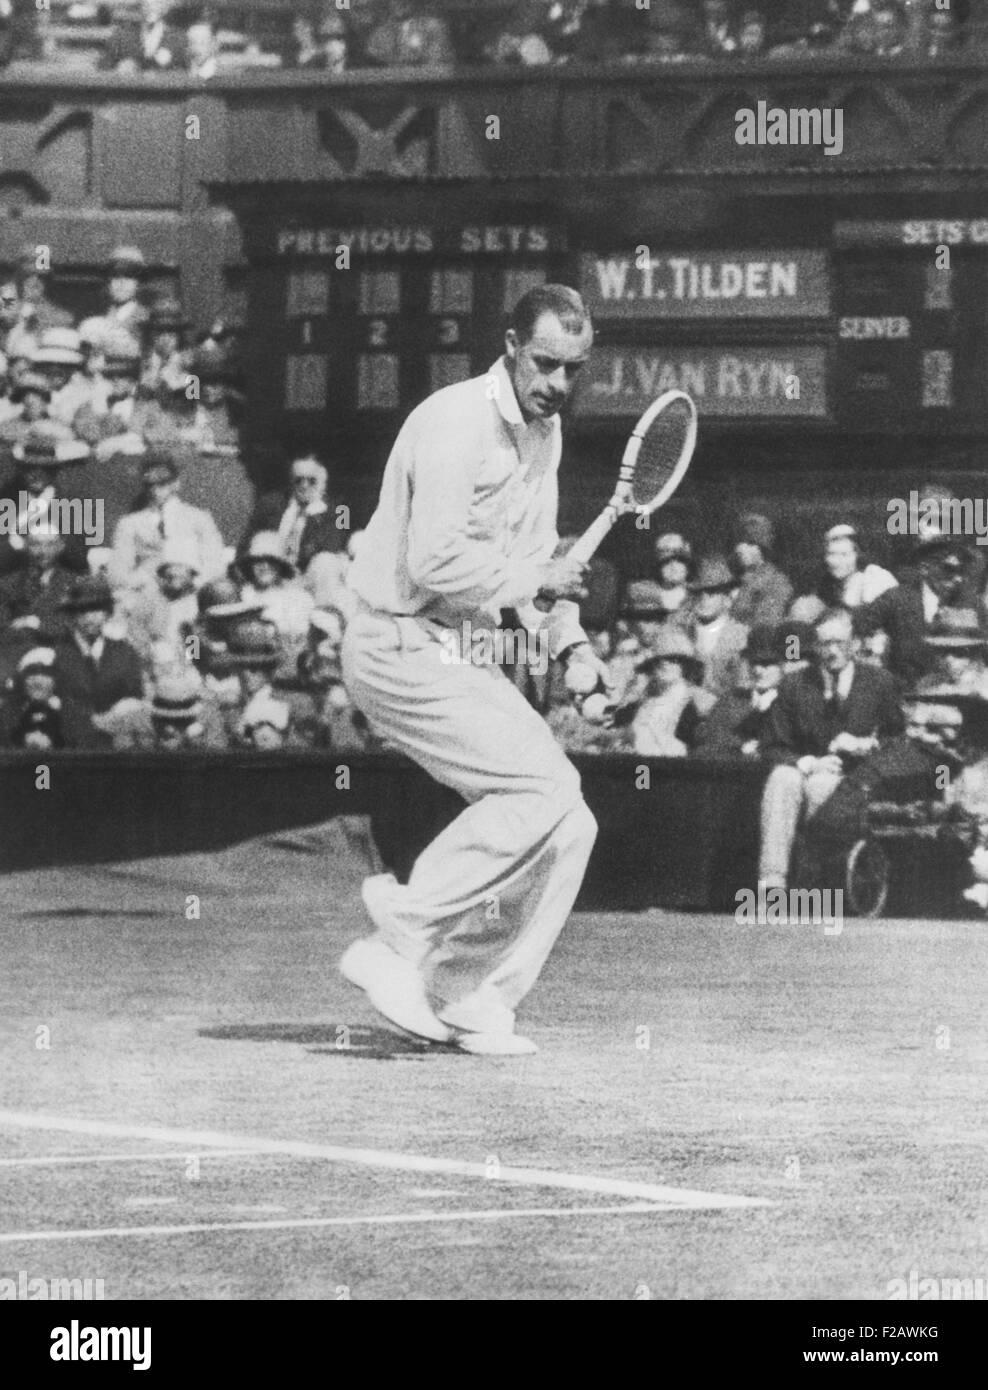 Bill Tilden as he played against John Van Ryn at Wimbledon July